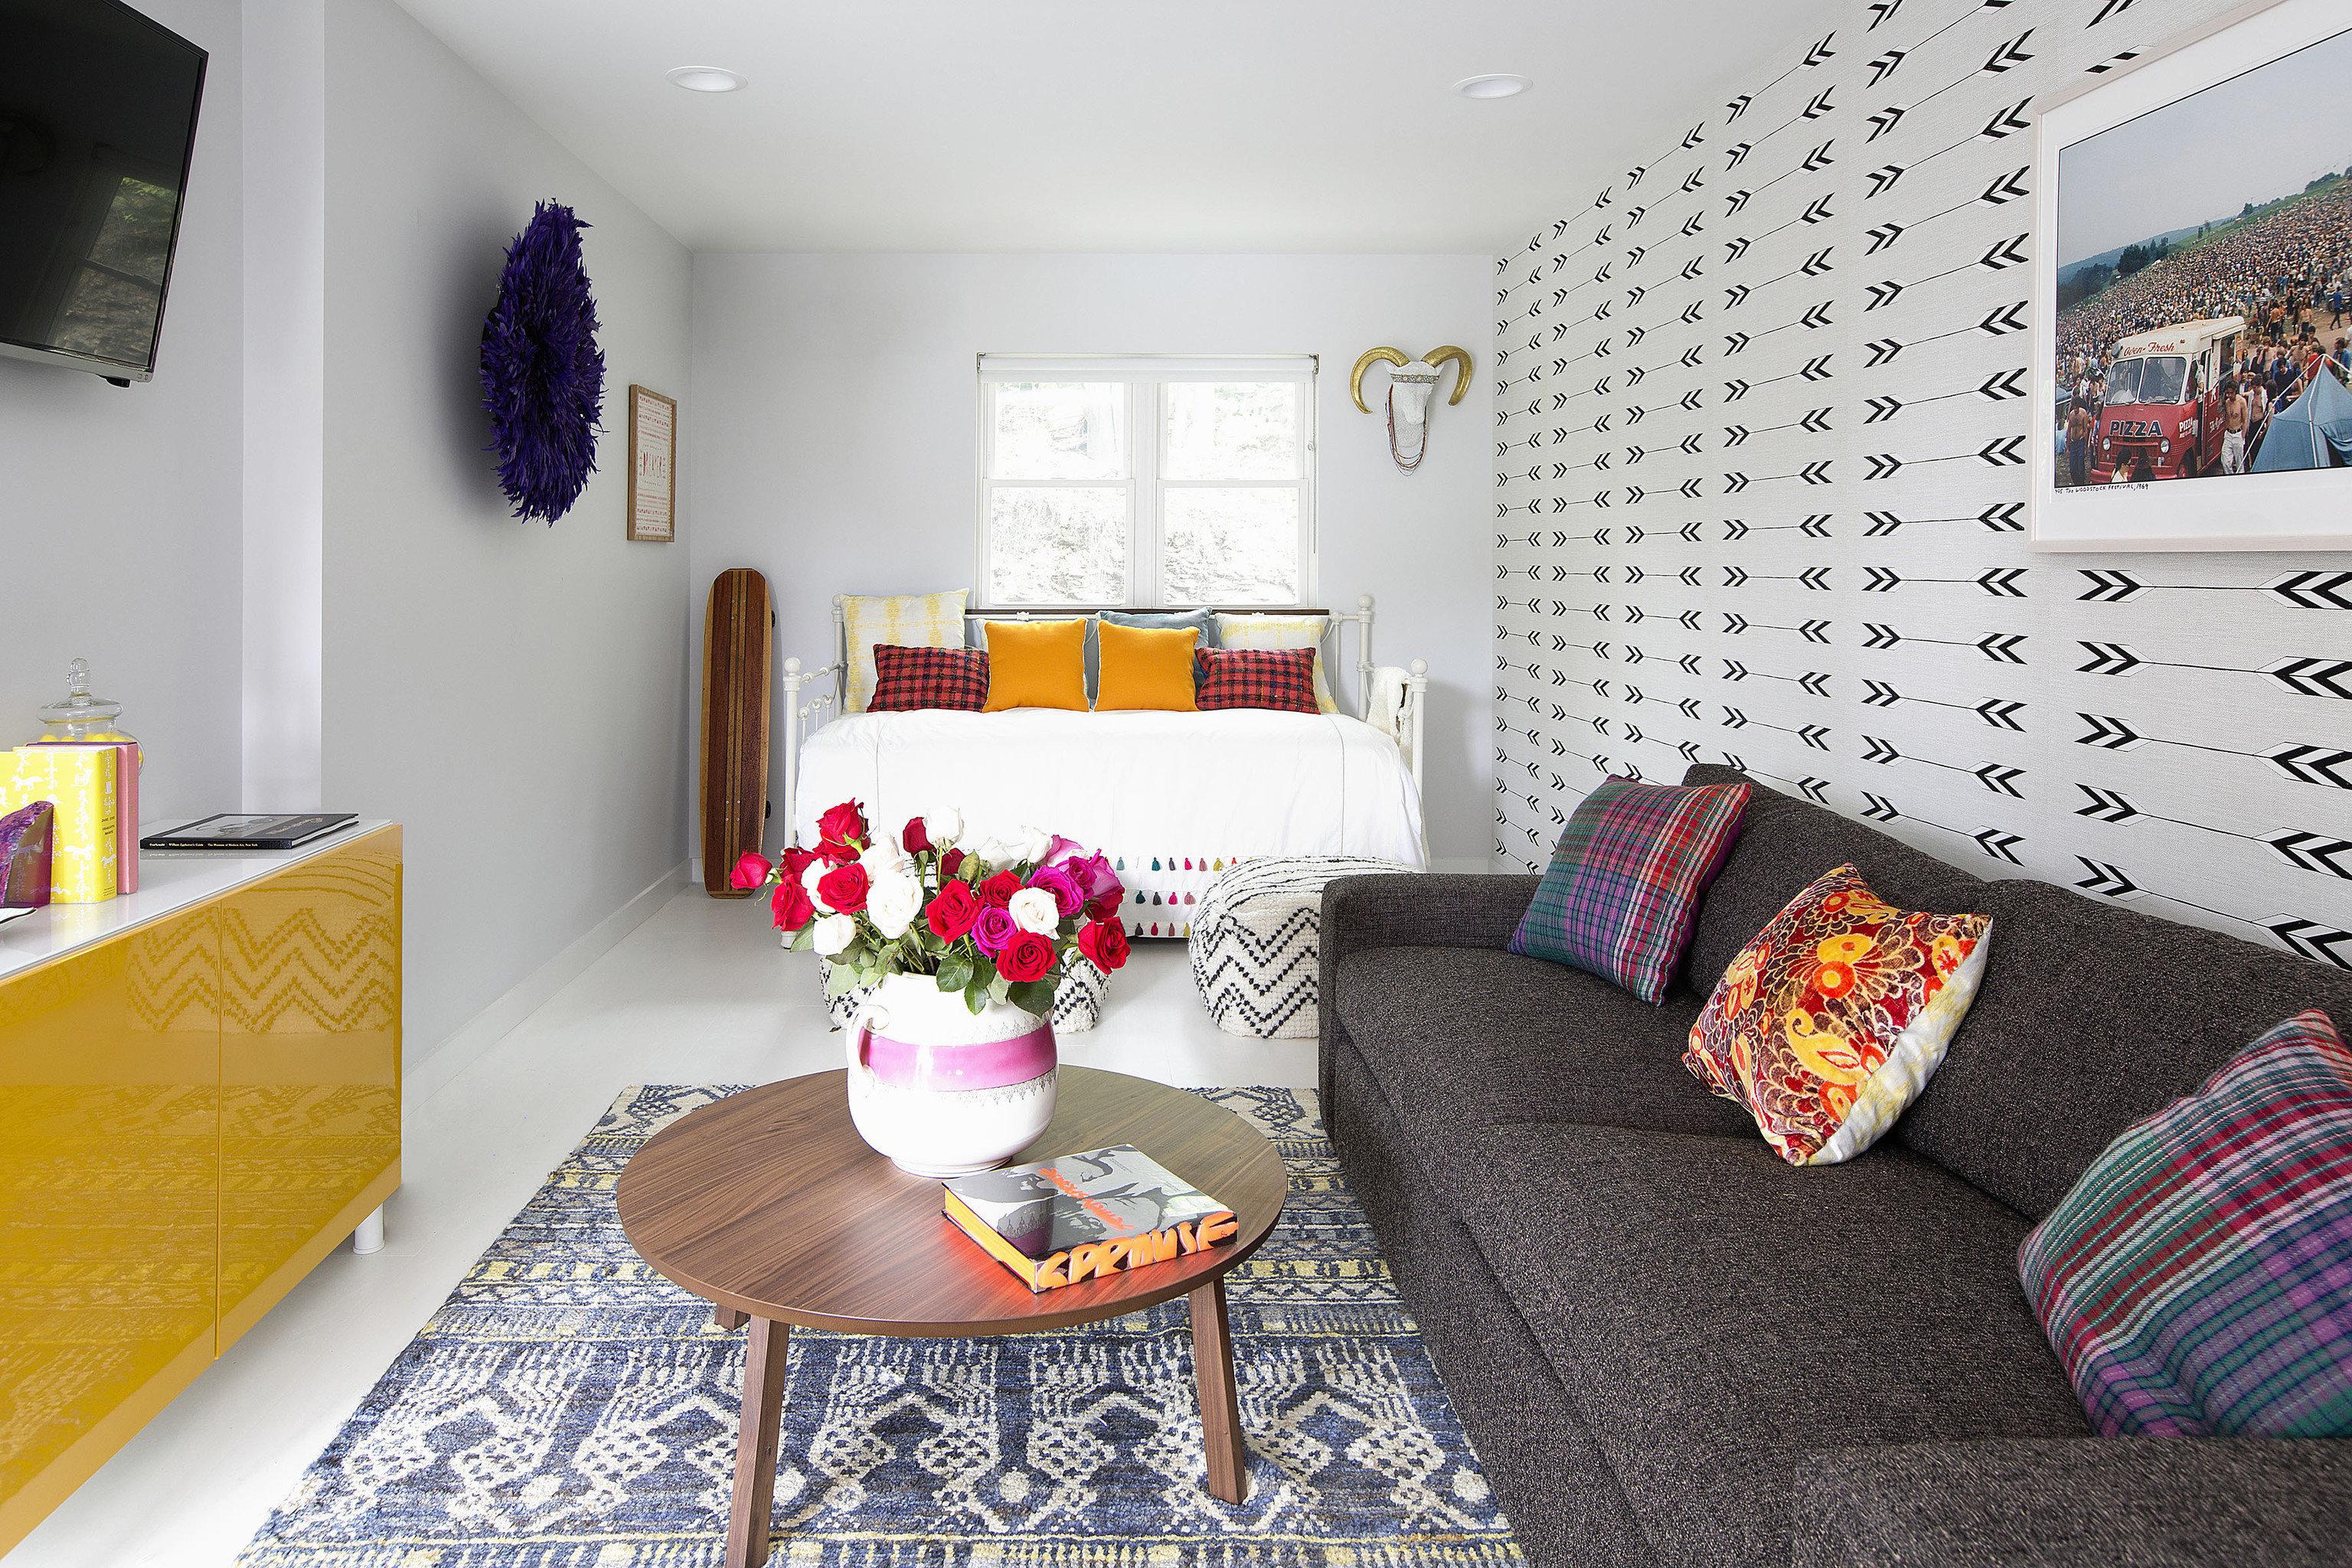 Hotel Dylan (Woodstock, NY) | Jetsetter